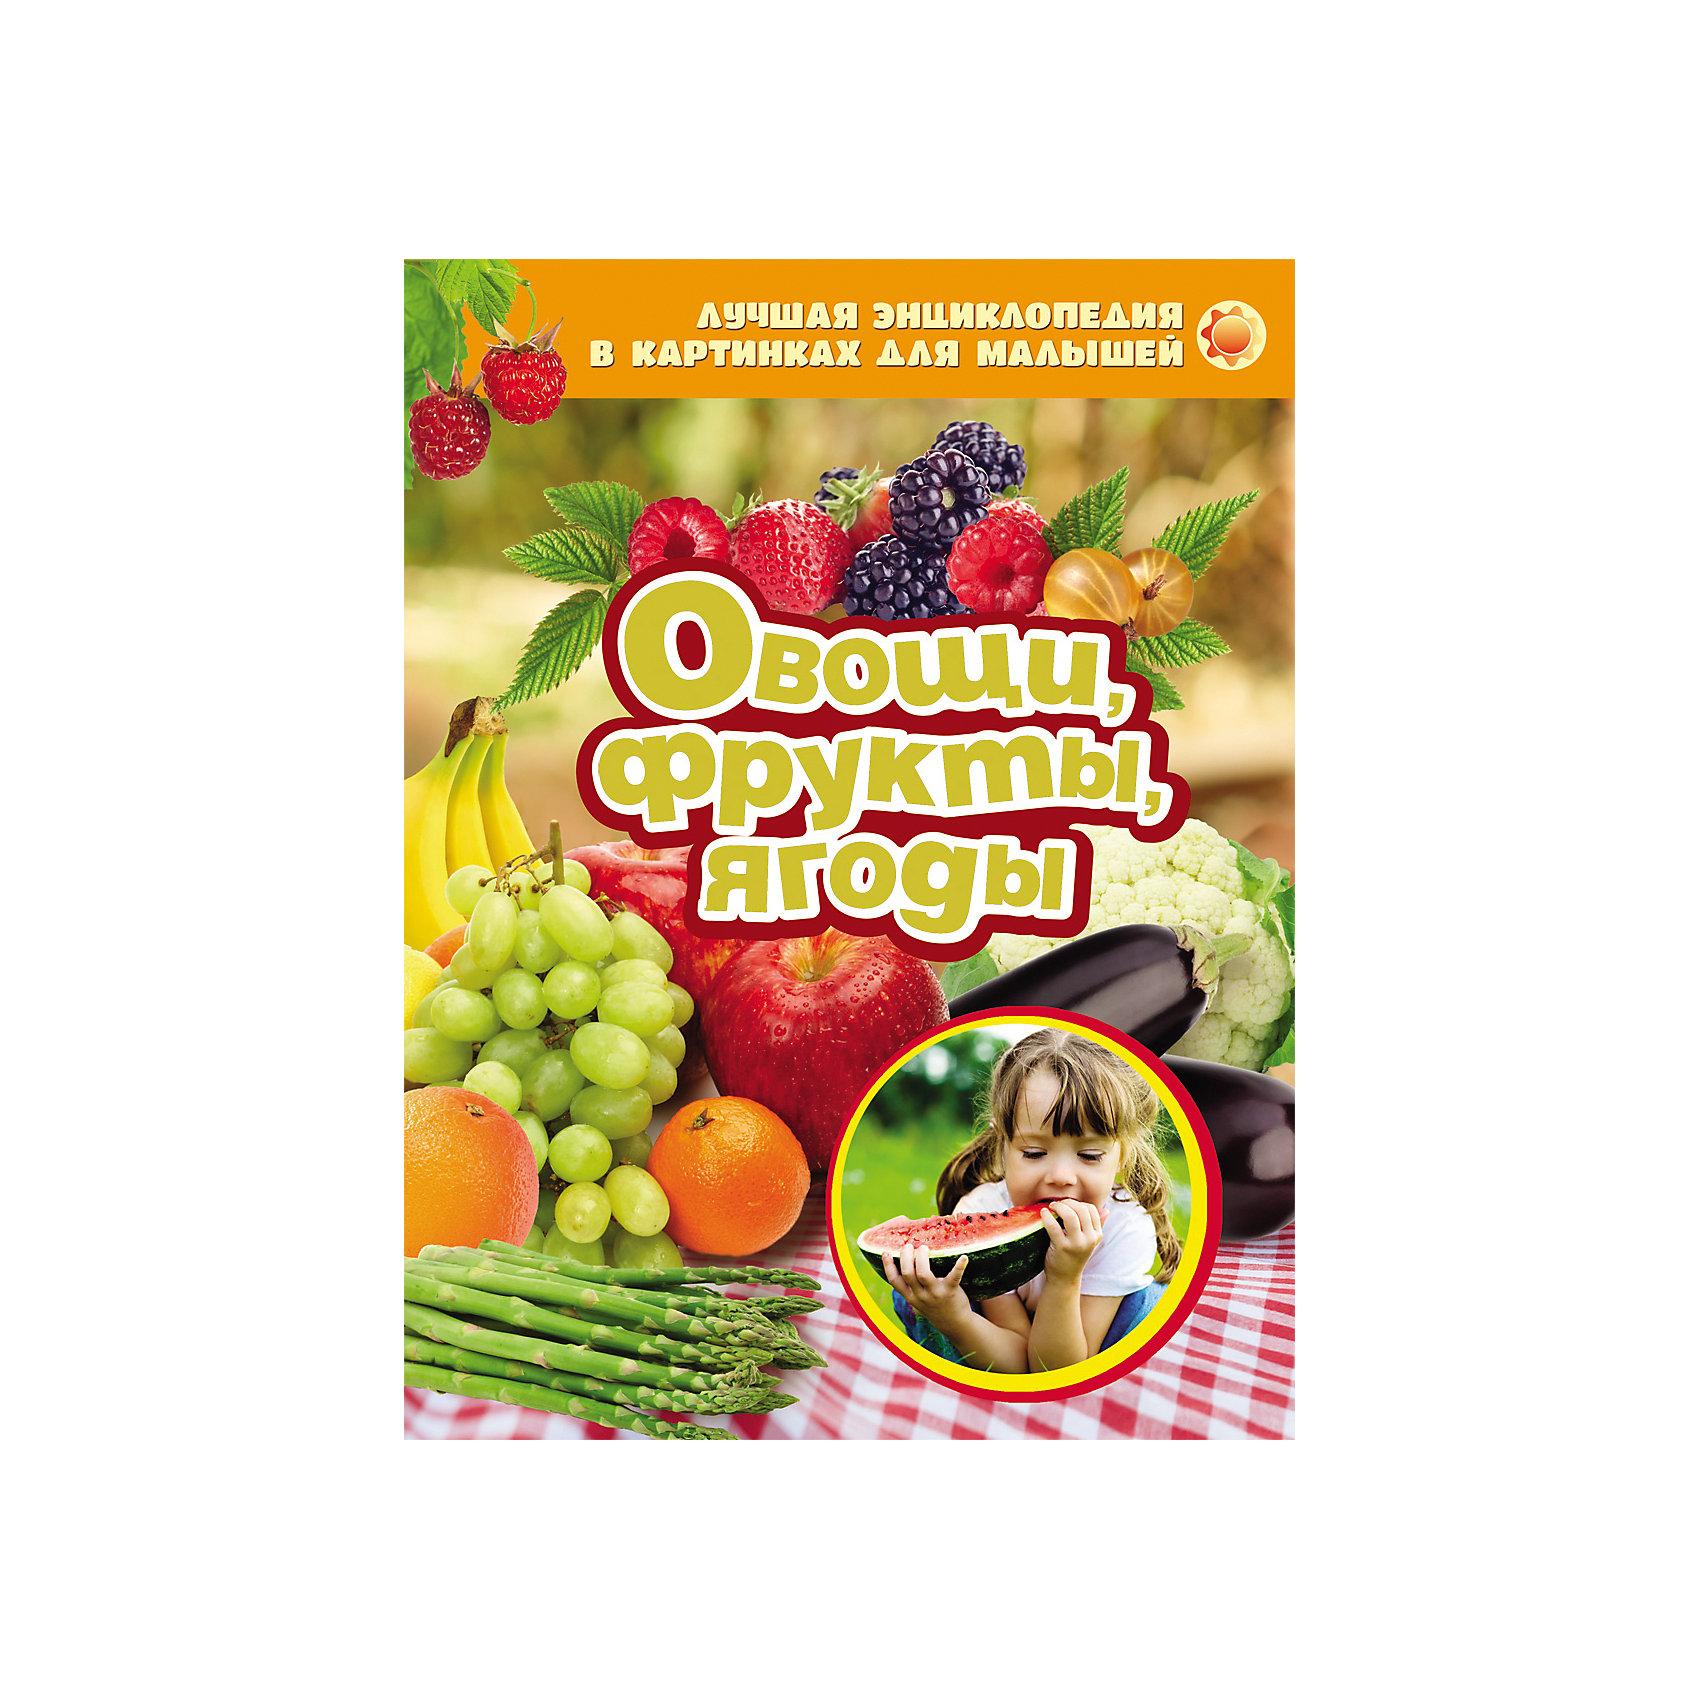 Овощи, фрукты, ягоды, Лучшая энциклопедия в картинках для малышей